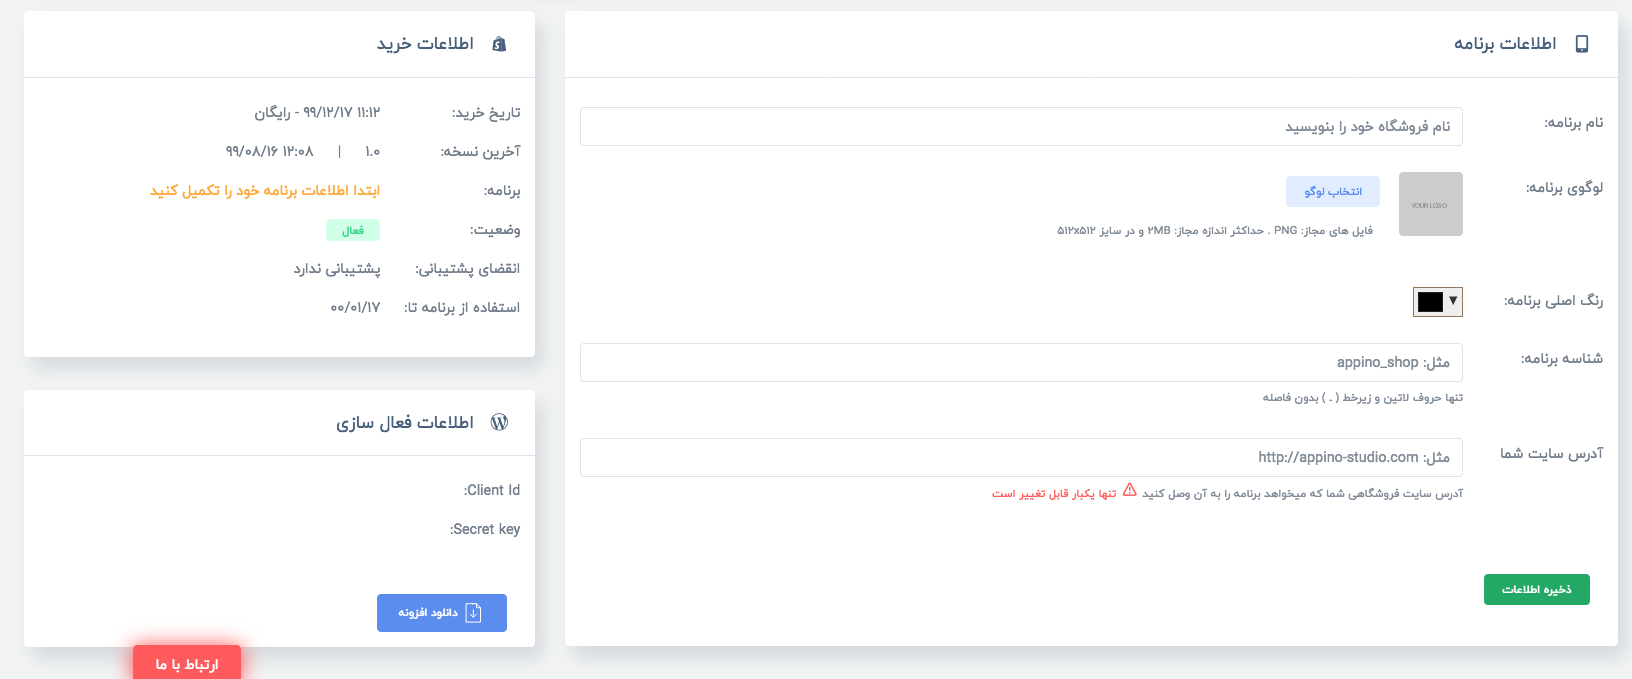 app-details